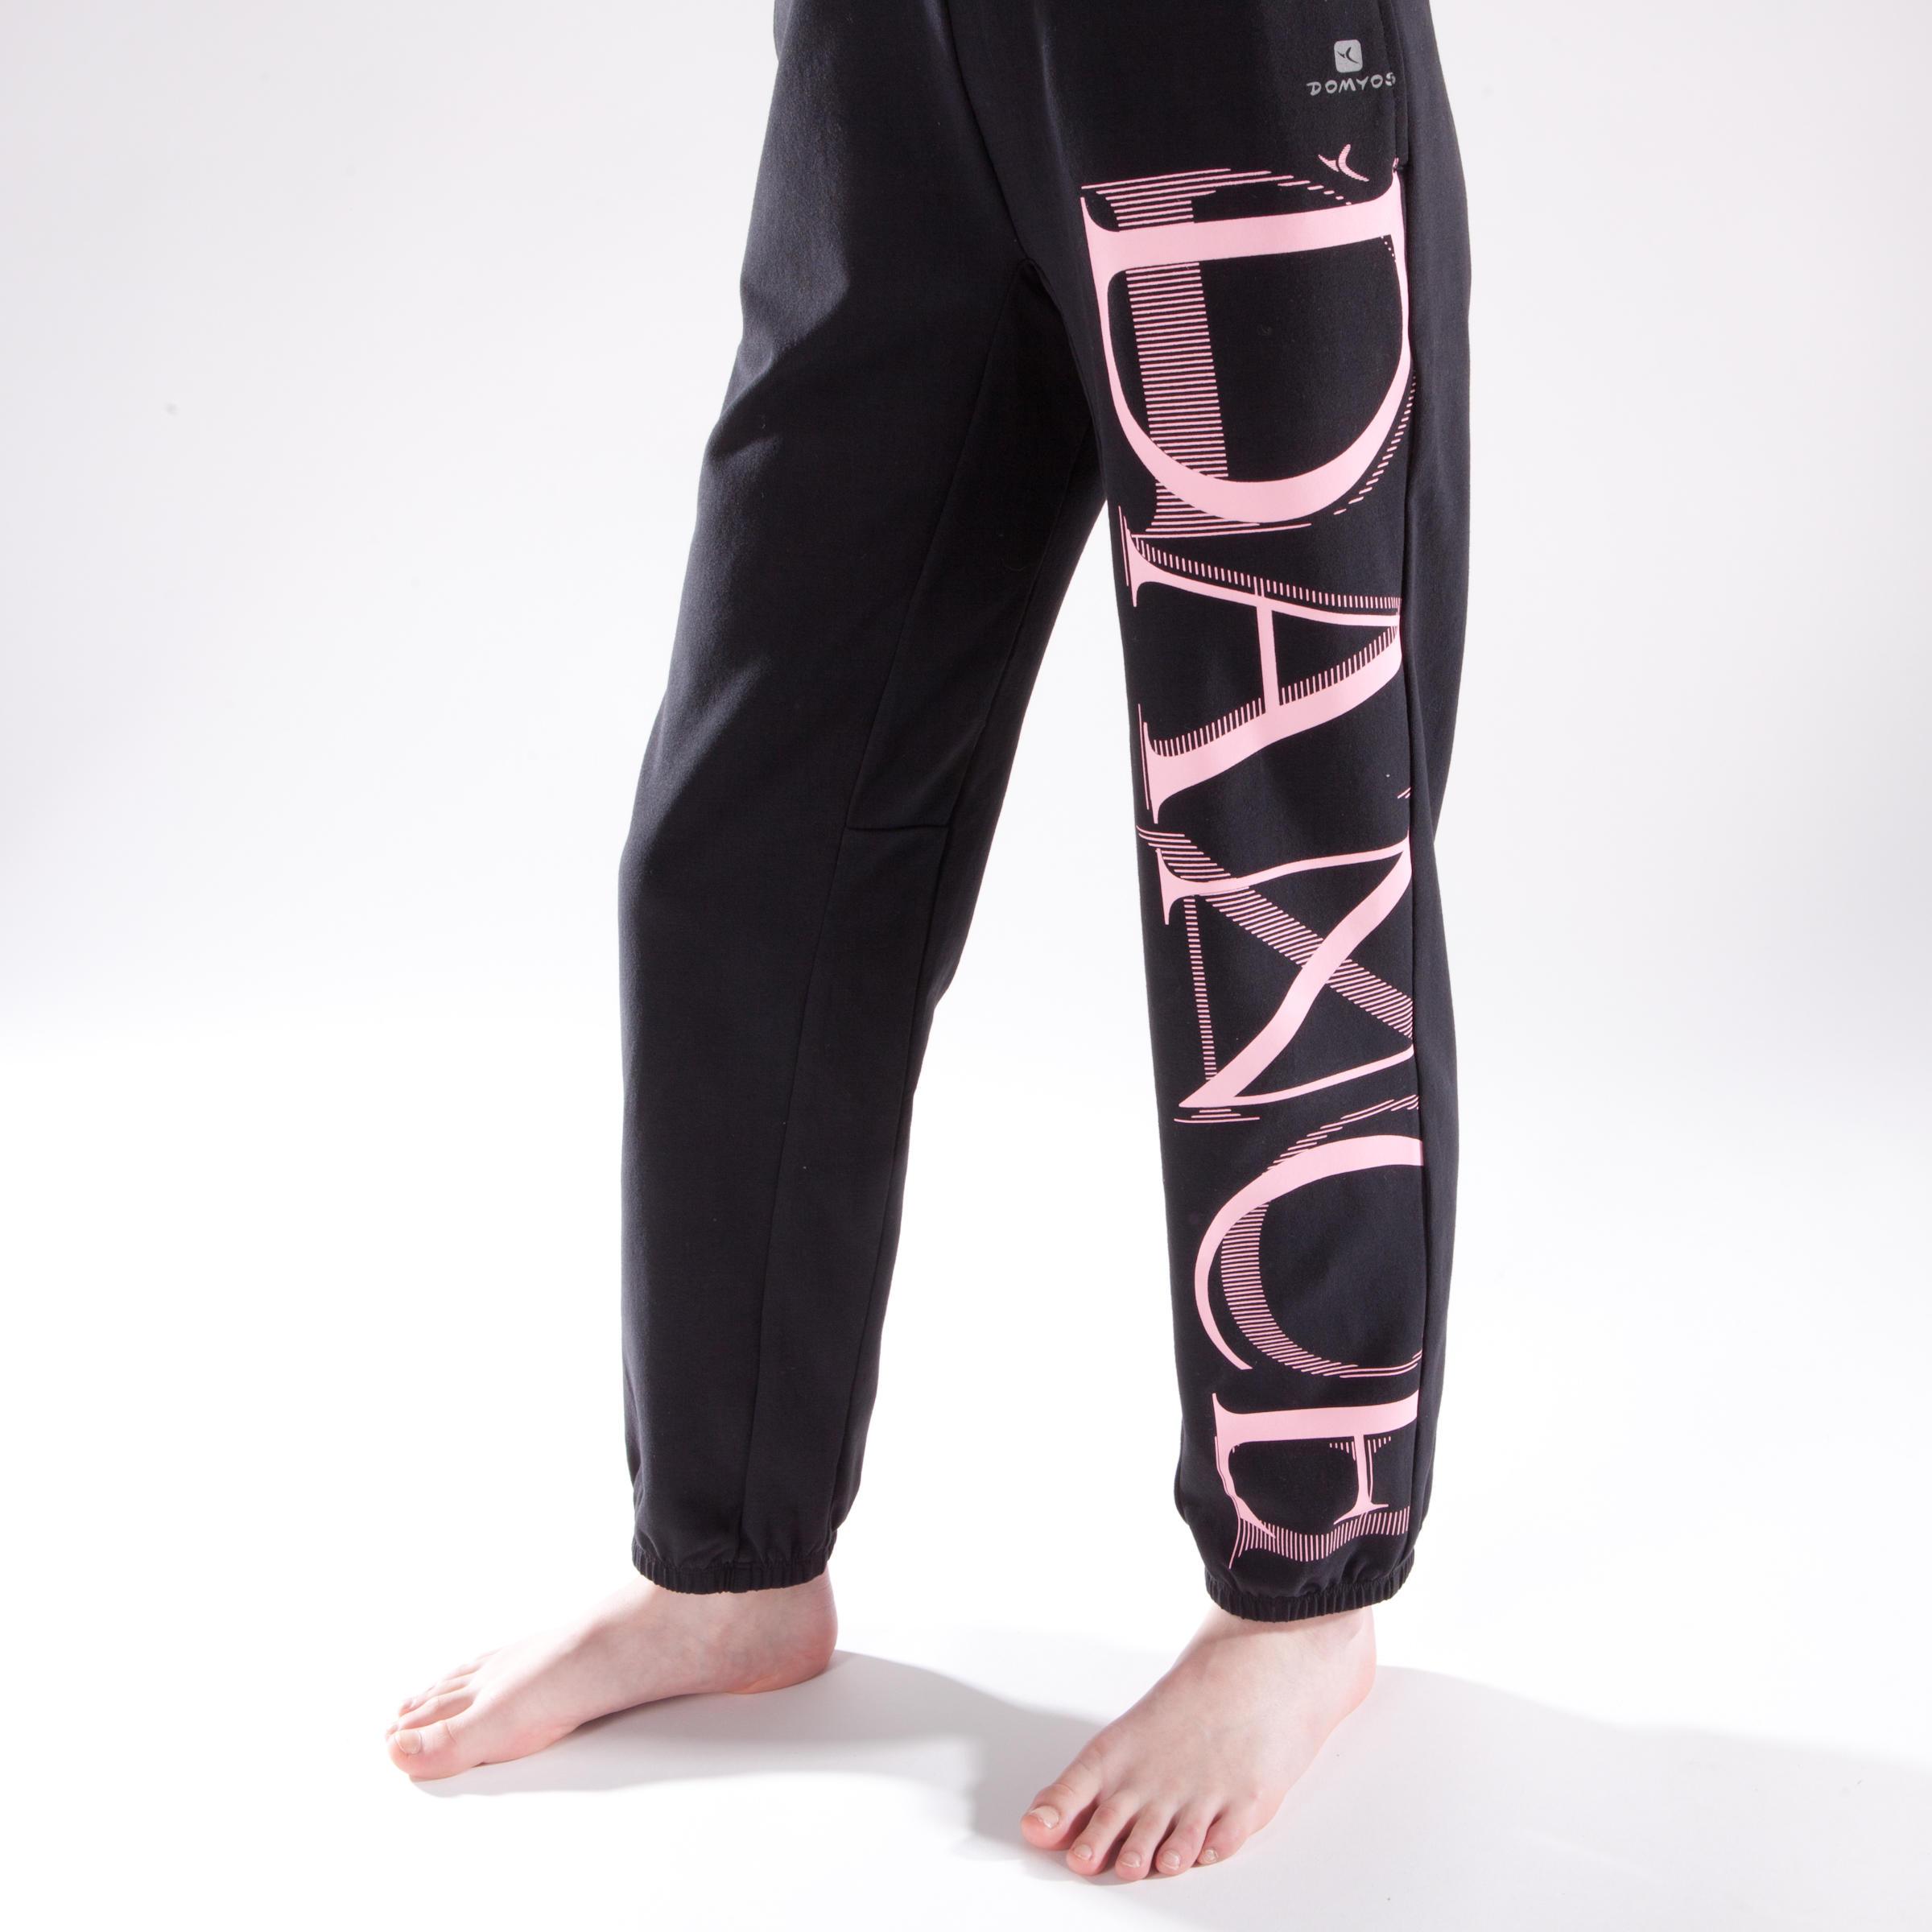 Pantalon de danse taille et bas de jambe élastiqus fille noir